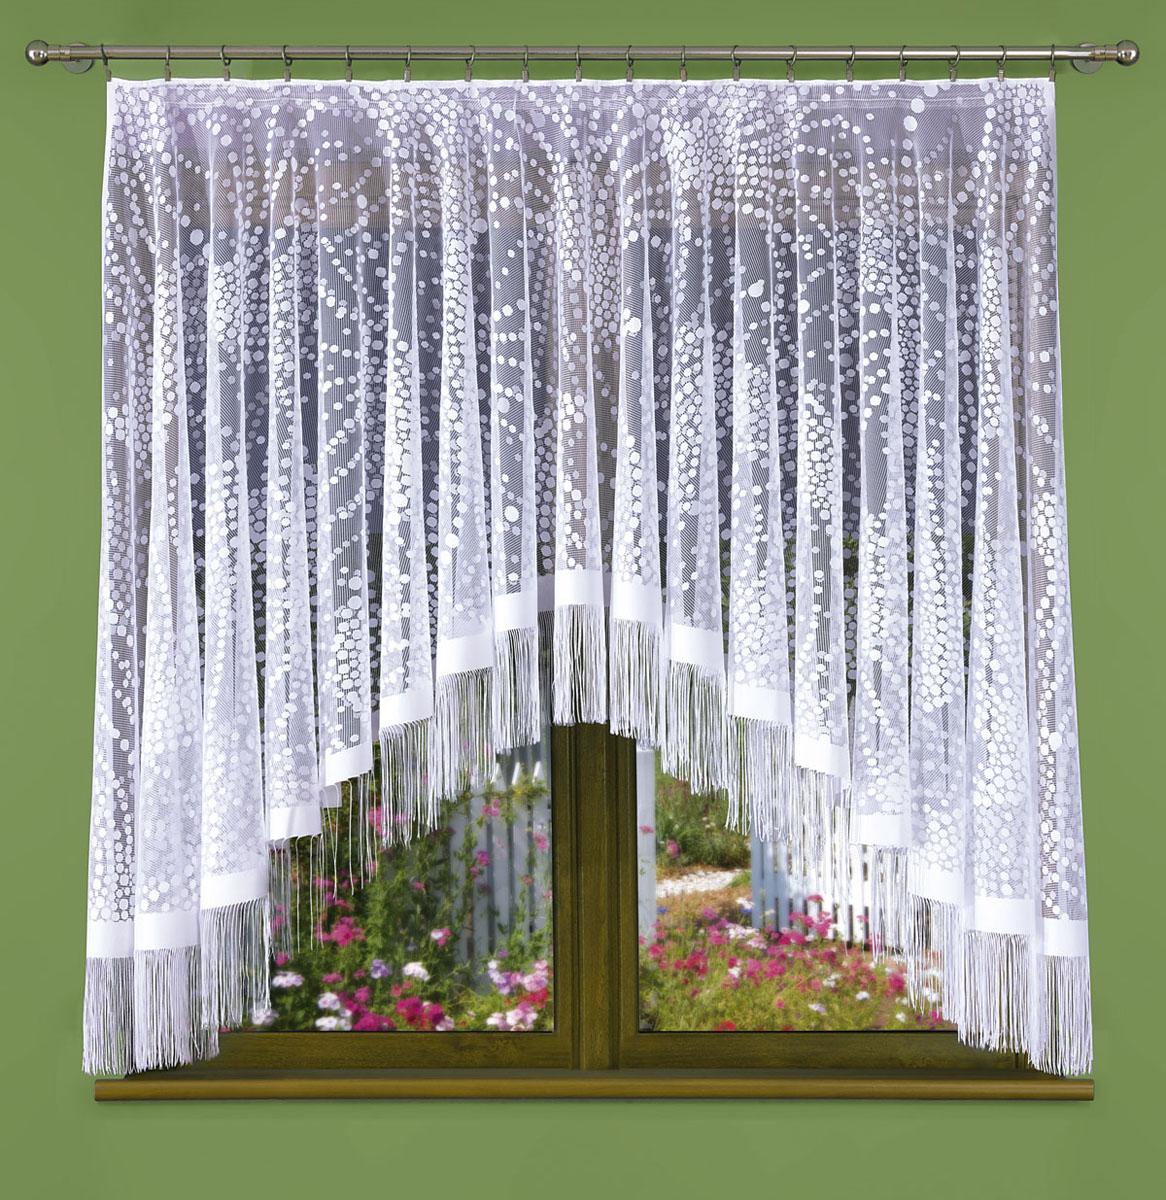 Гардина Wisan, цвет: белый, ширина 170 см, высота 180 см441ЕГардина жаккардовая, крепление зажимы для штор.Размеры: 170*180